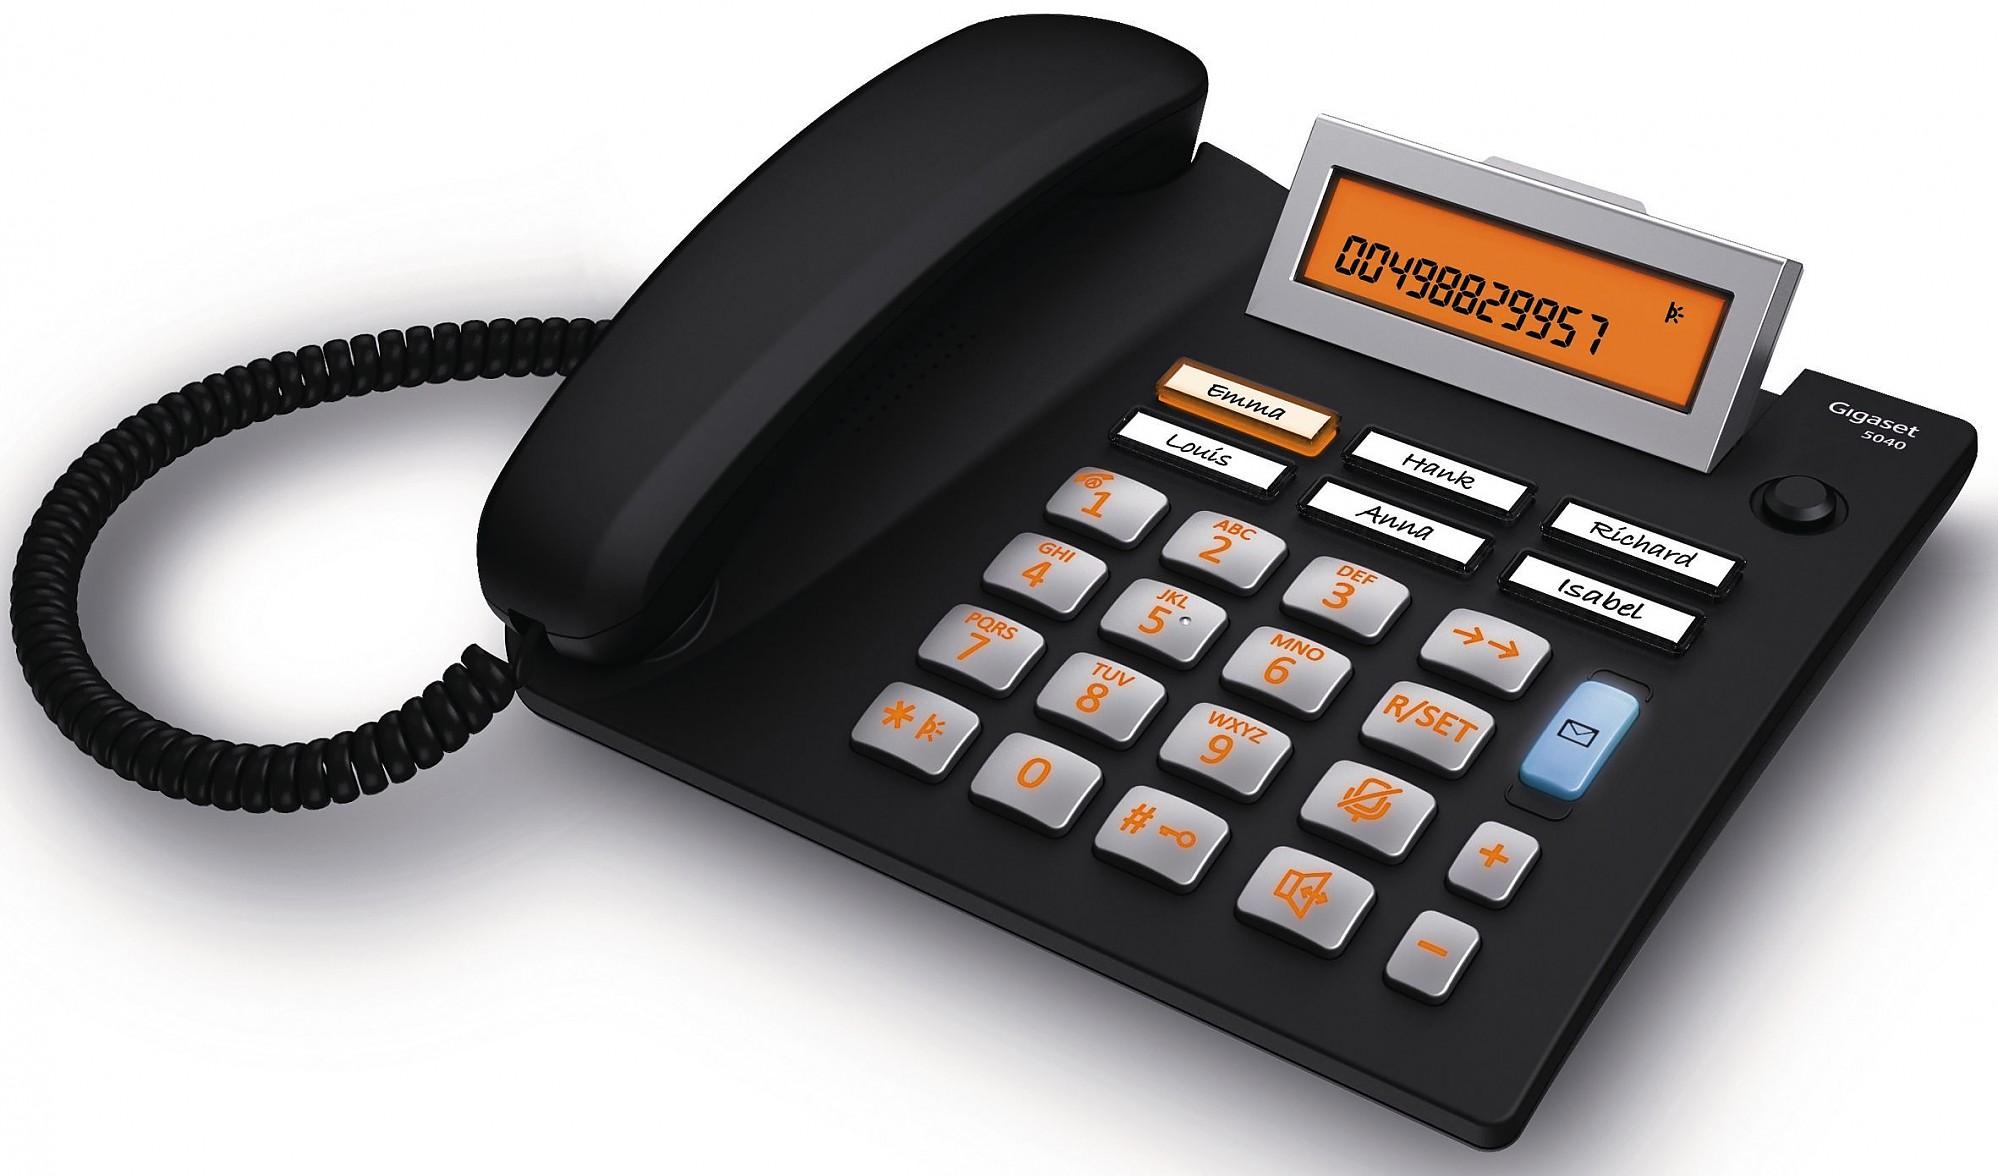 Telefoni per anziani: la perdita dell'udito e l'uso del telefono